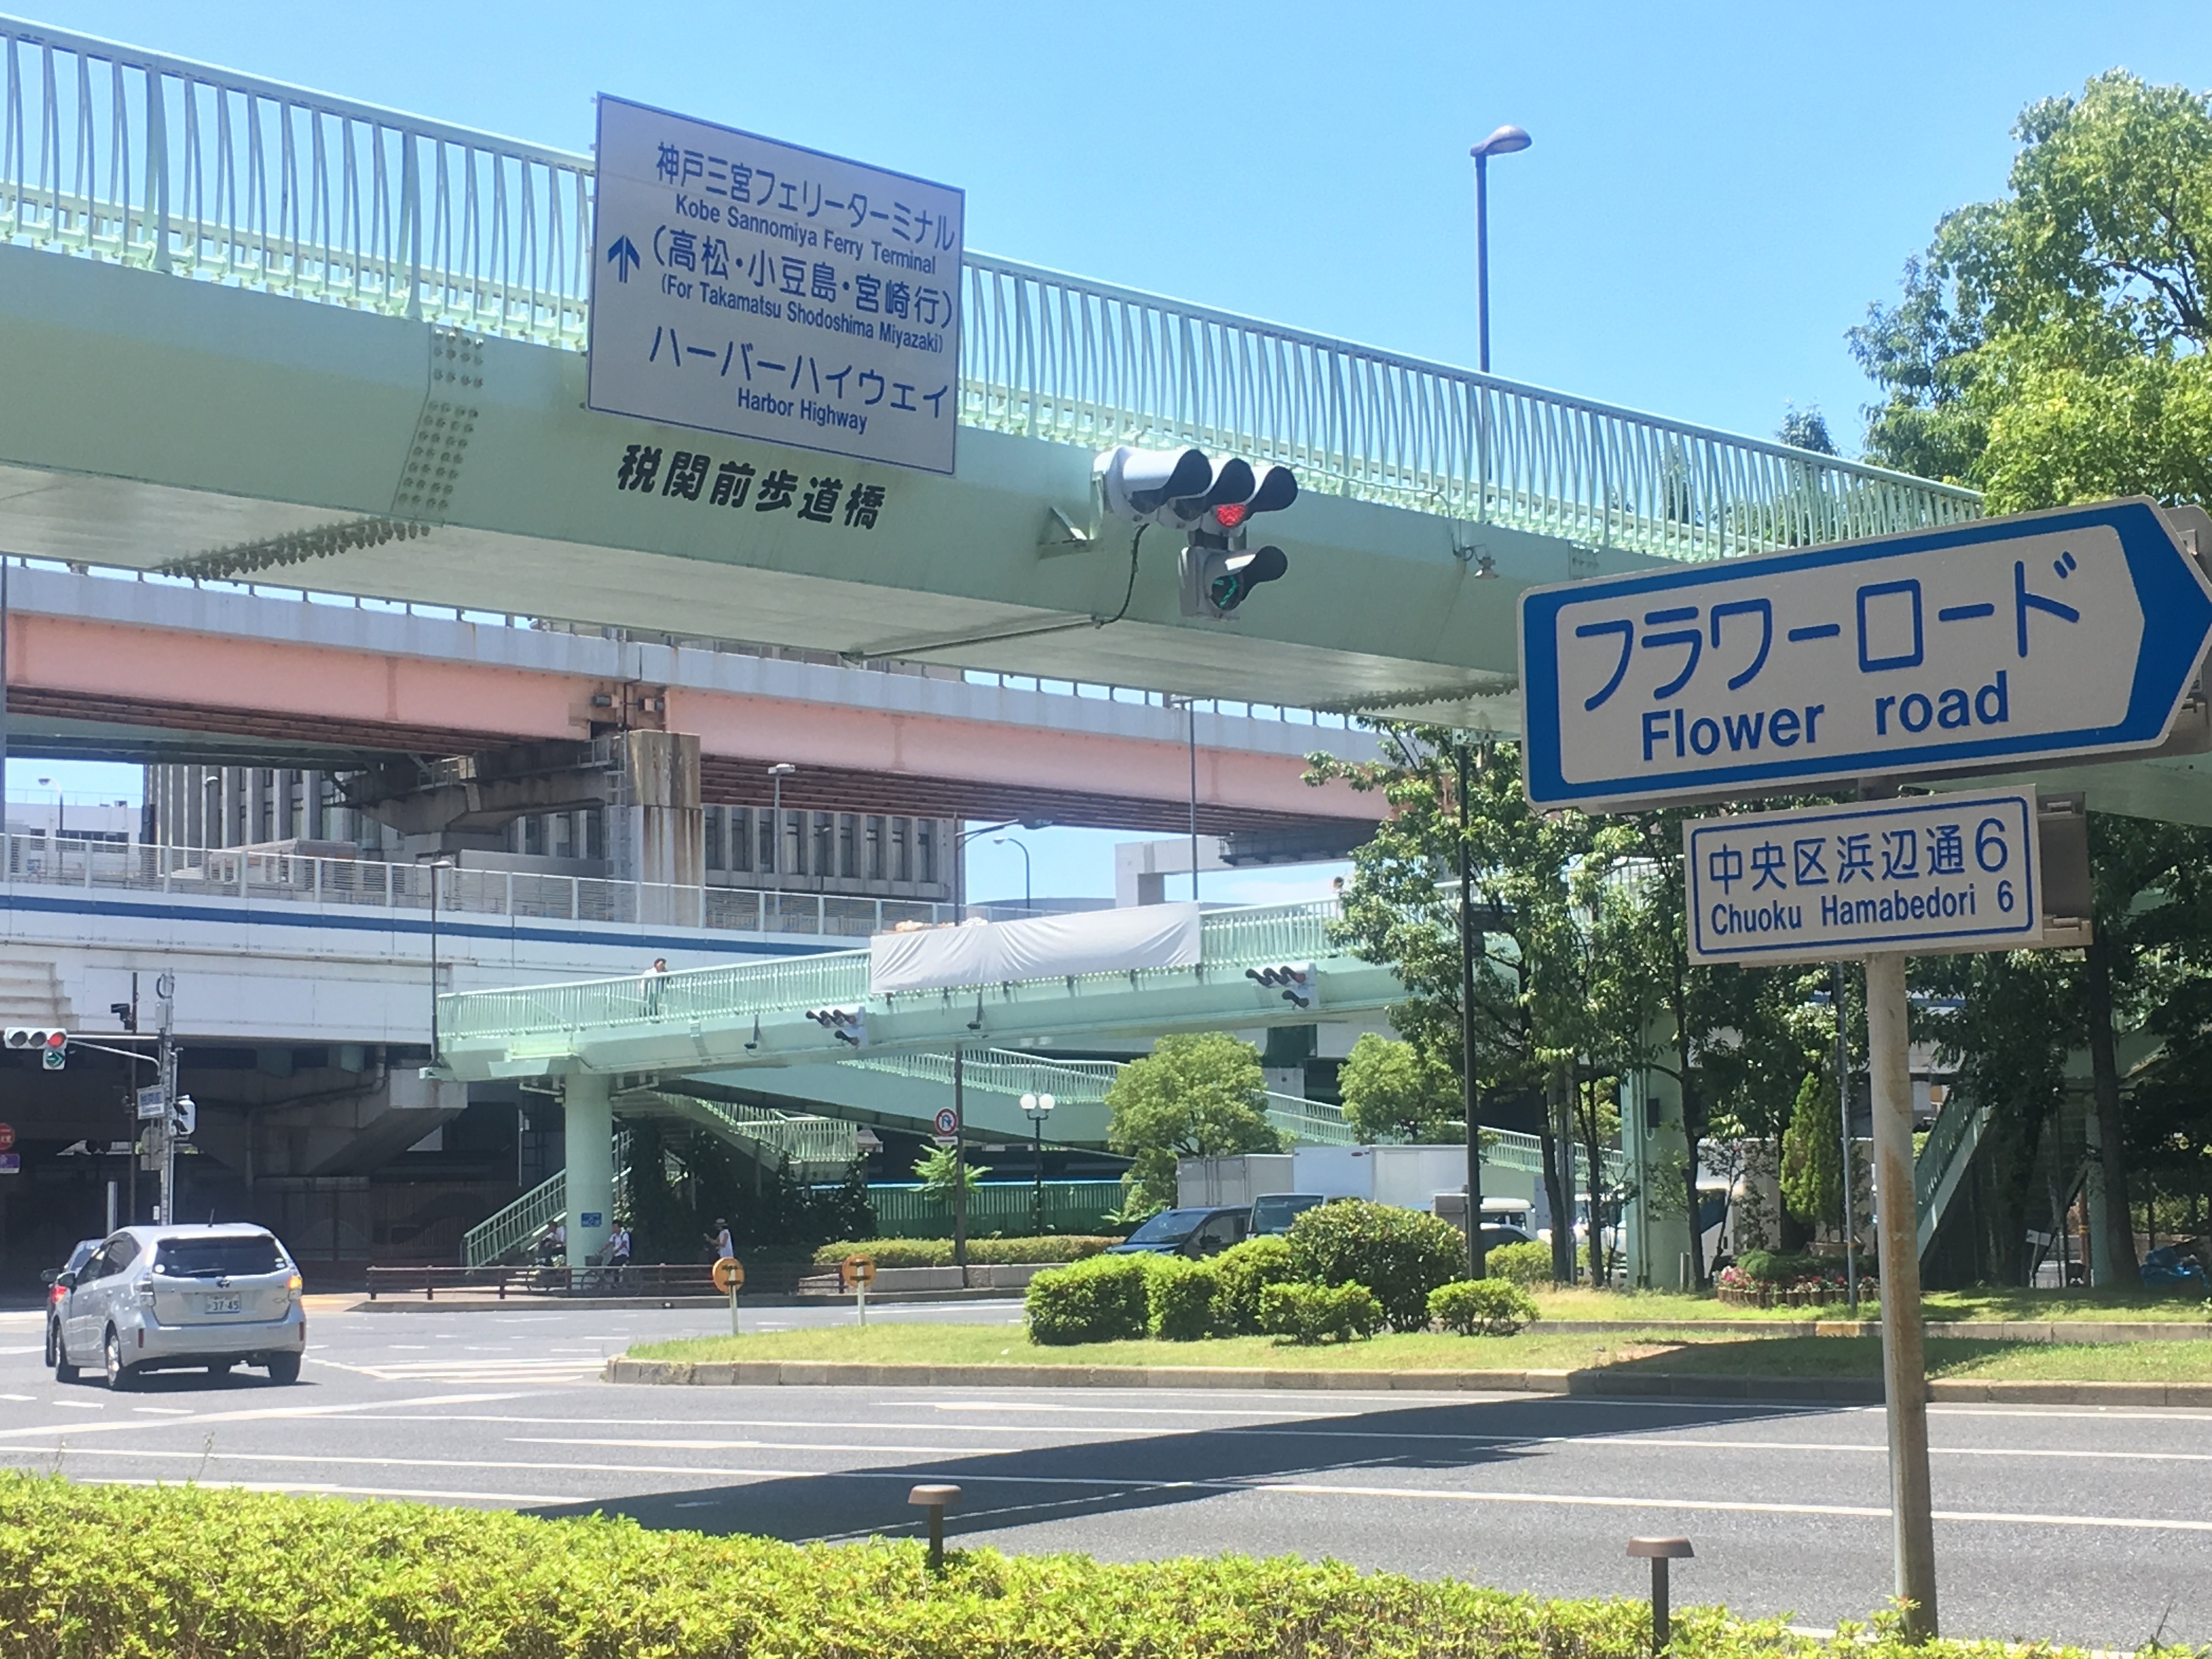 20180702税関前歩道橋